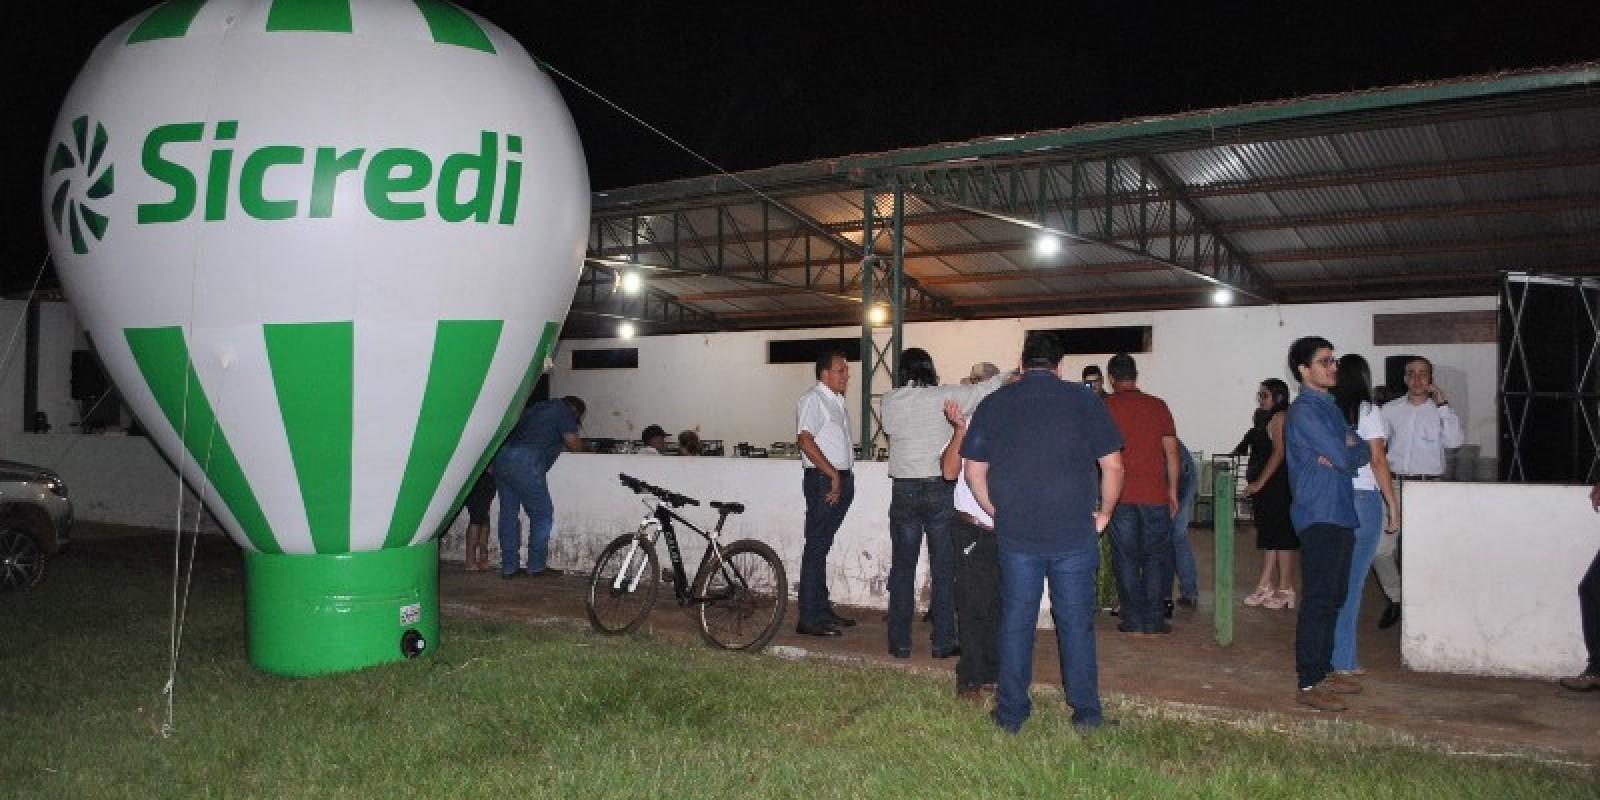 Confira toas as fotos da reunião do Sicred em Angélica